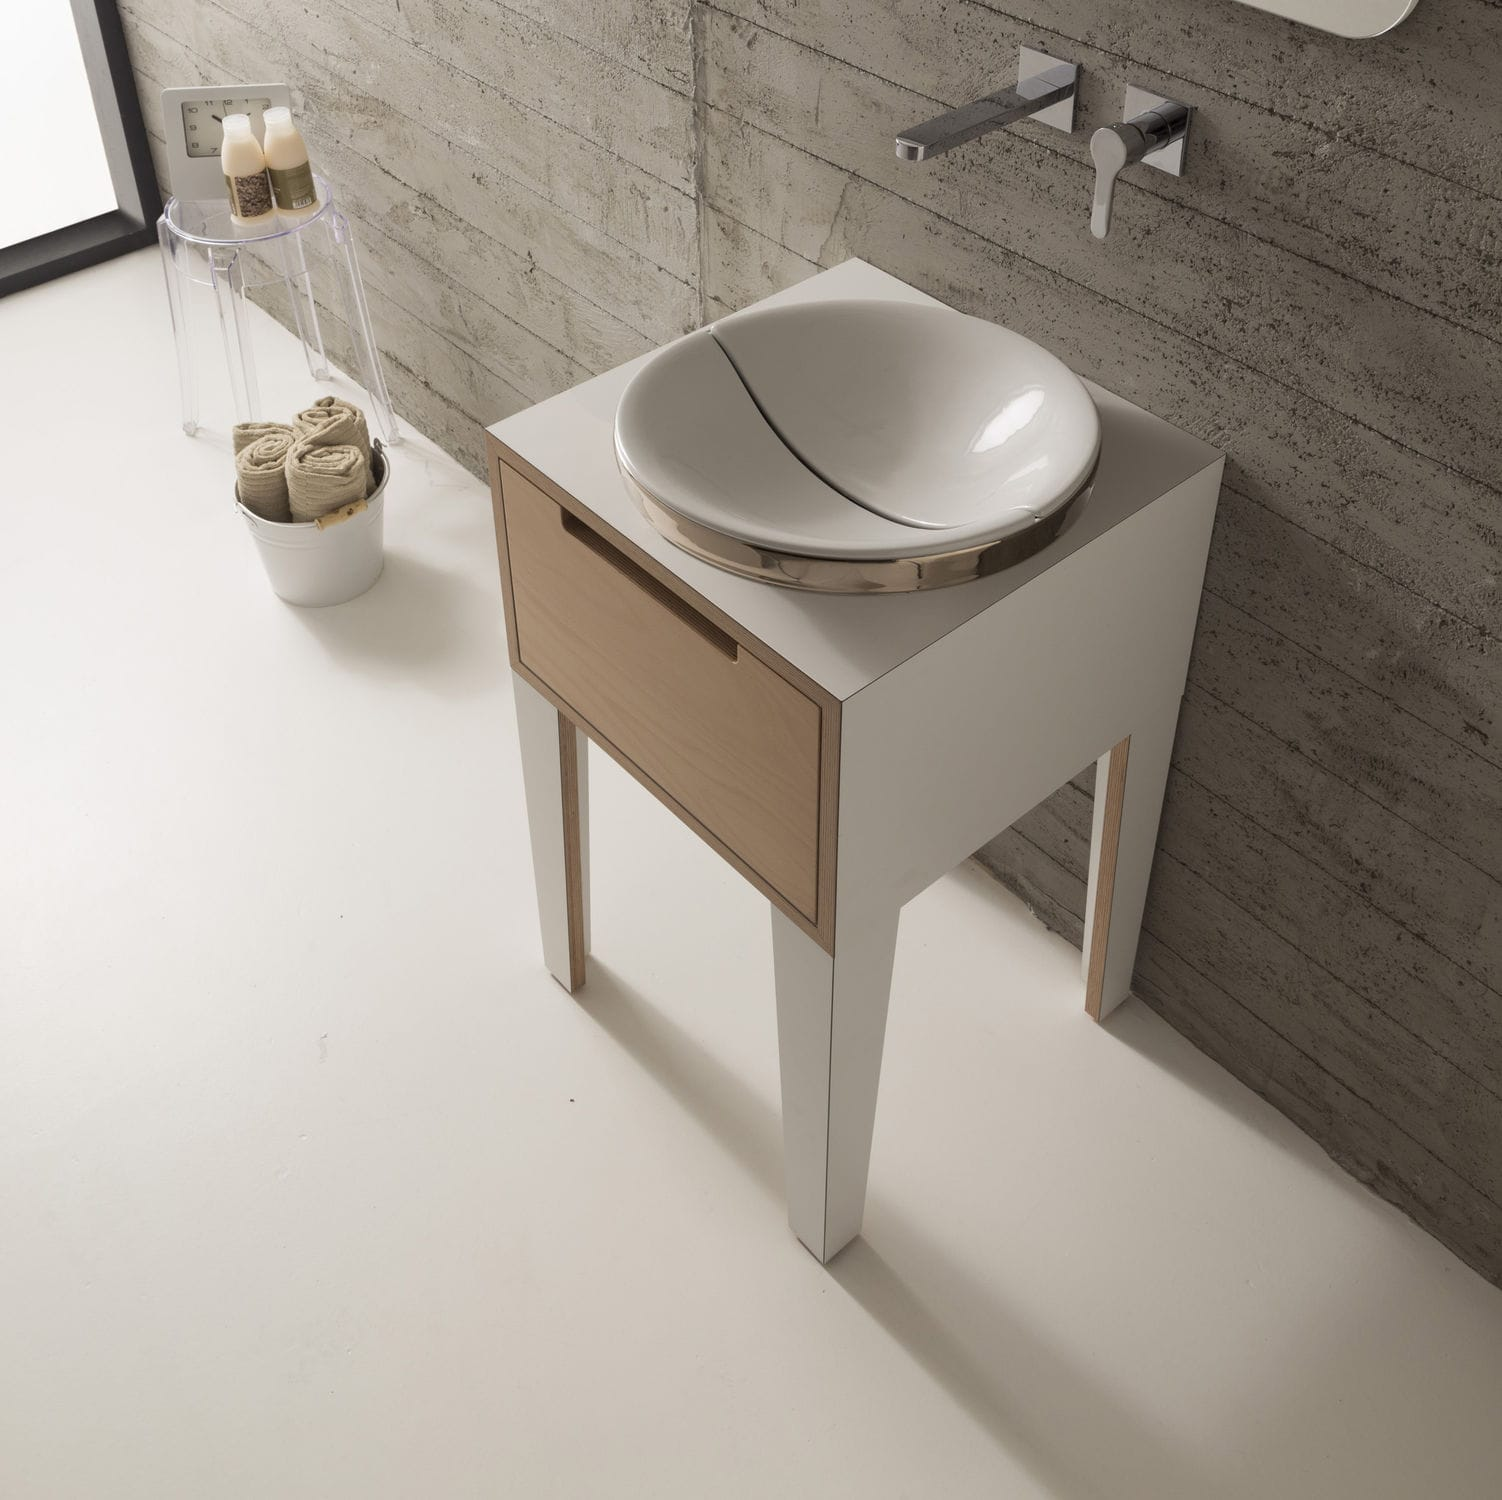 Gallery of Freistehender Waschtisch Unterschrank Holz Modern